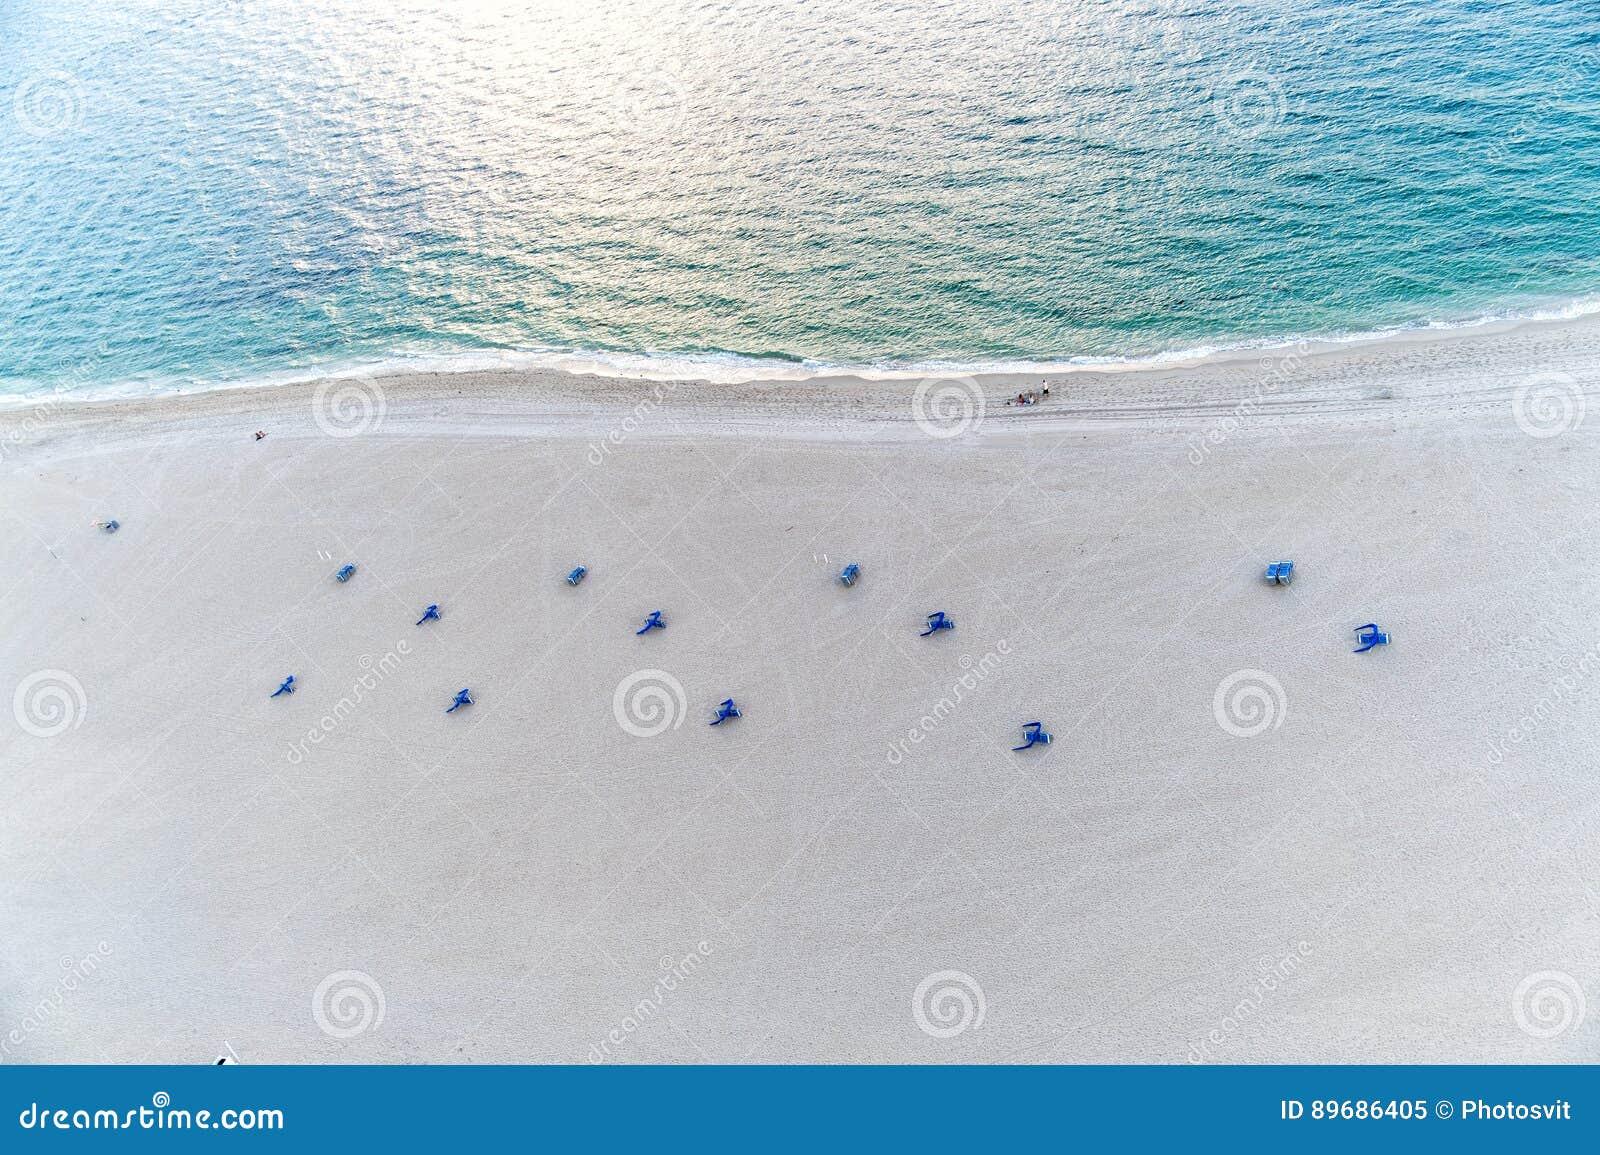 Auf Mit StuhlSandMeerWasser Mit Mit Vogelperspektive Strand Auf Vogelperspektive Strand Strand Vogelperspektive StuhlSandMeerWasser Auf nvm80wON